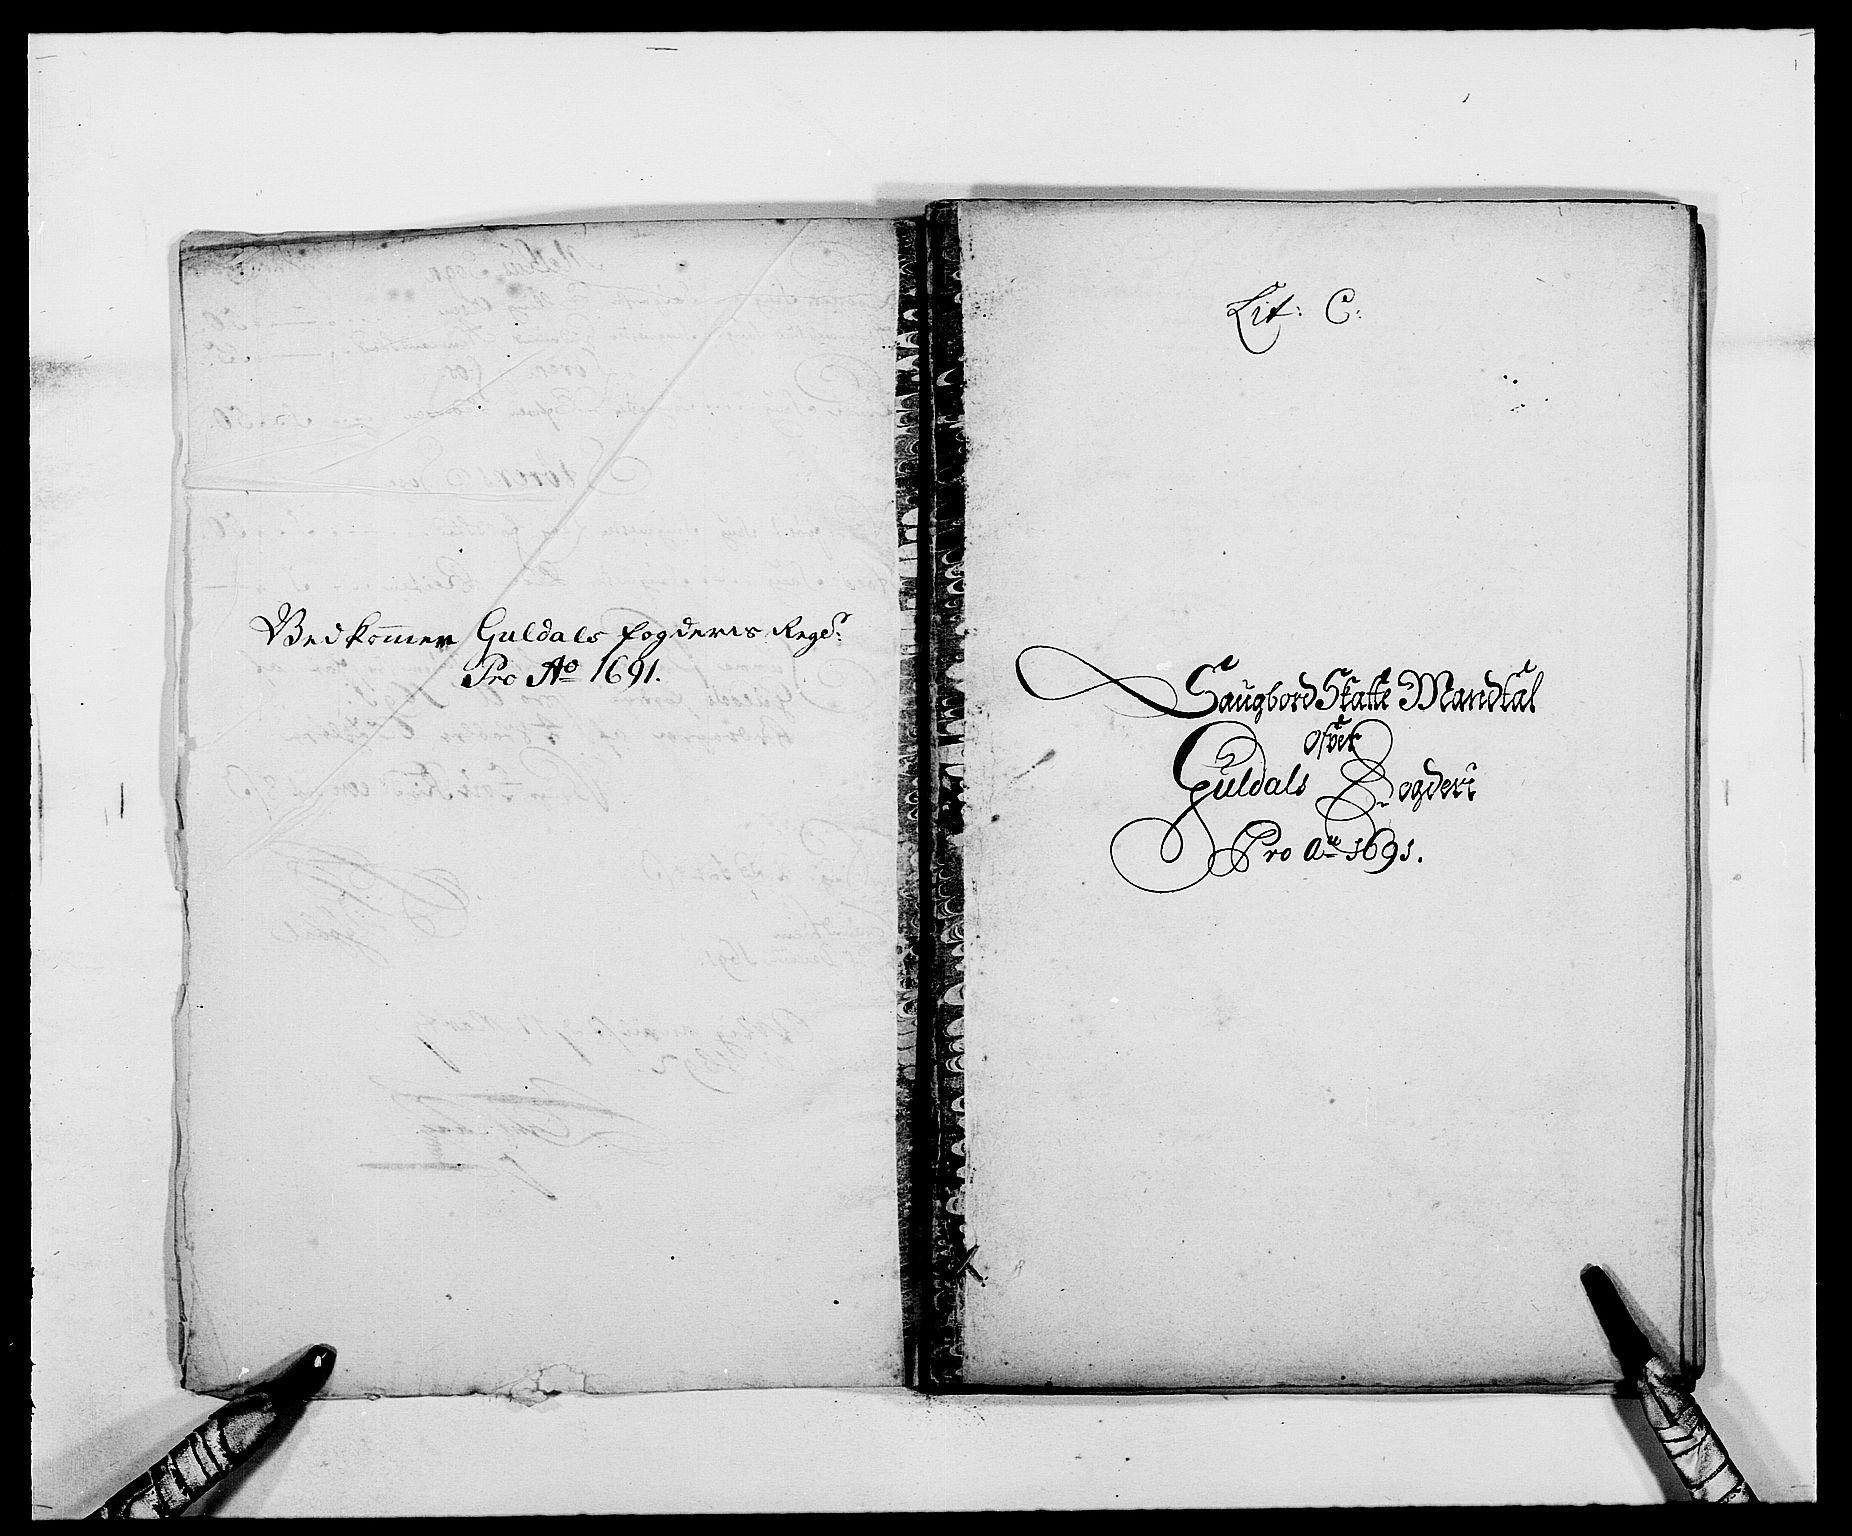 RA, Rentekammeret inntil 1814, Reviderte regnskaper, Fogderegnskap, R59/L3941: Fogderegnskap Gauldal, 1691, s. 63